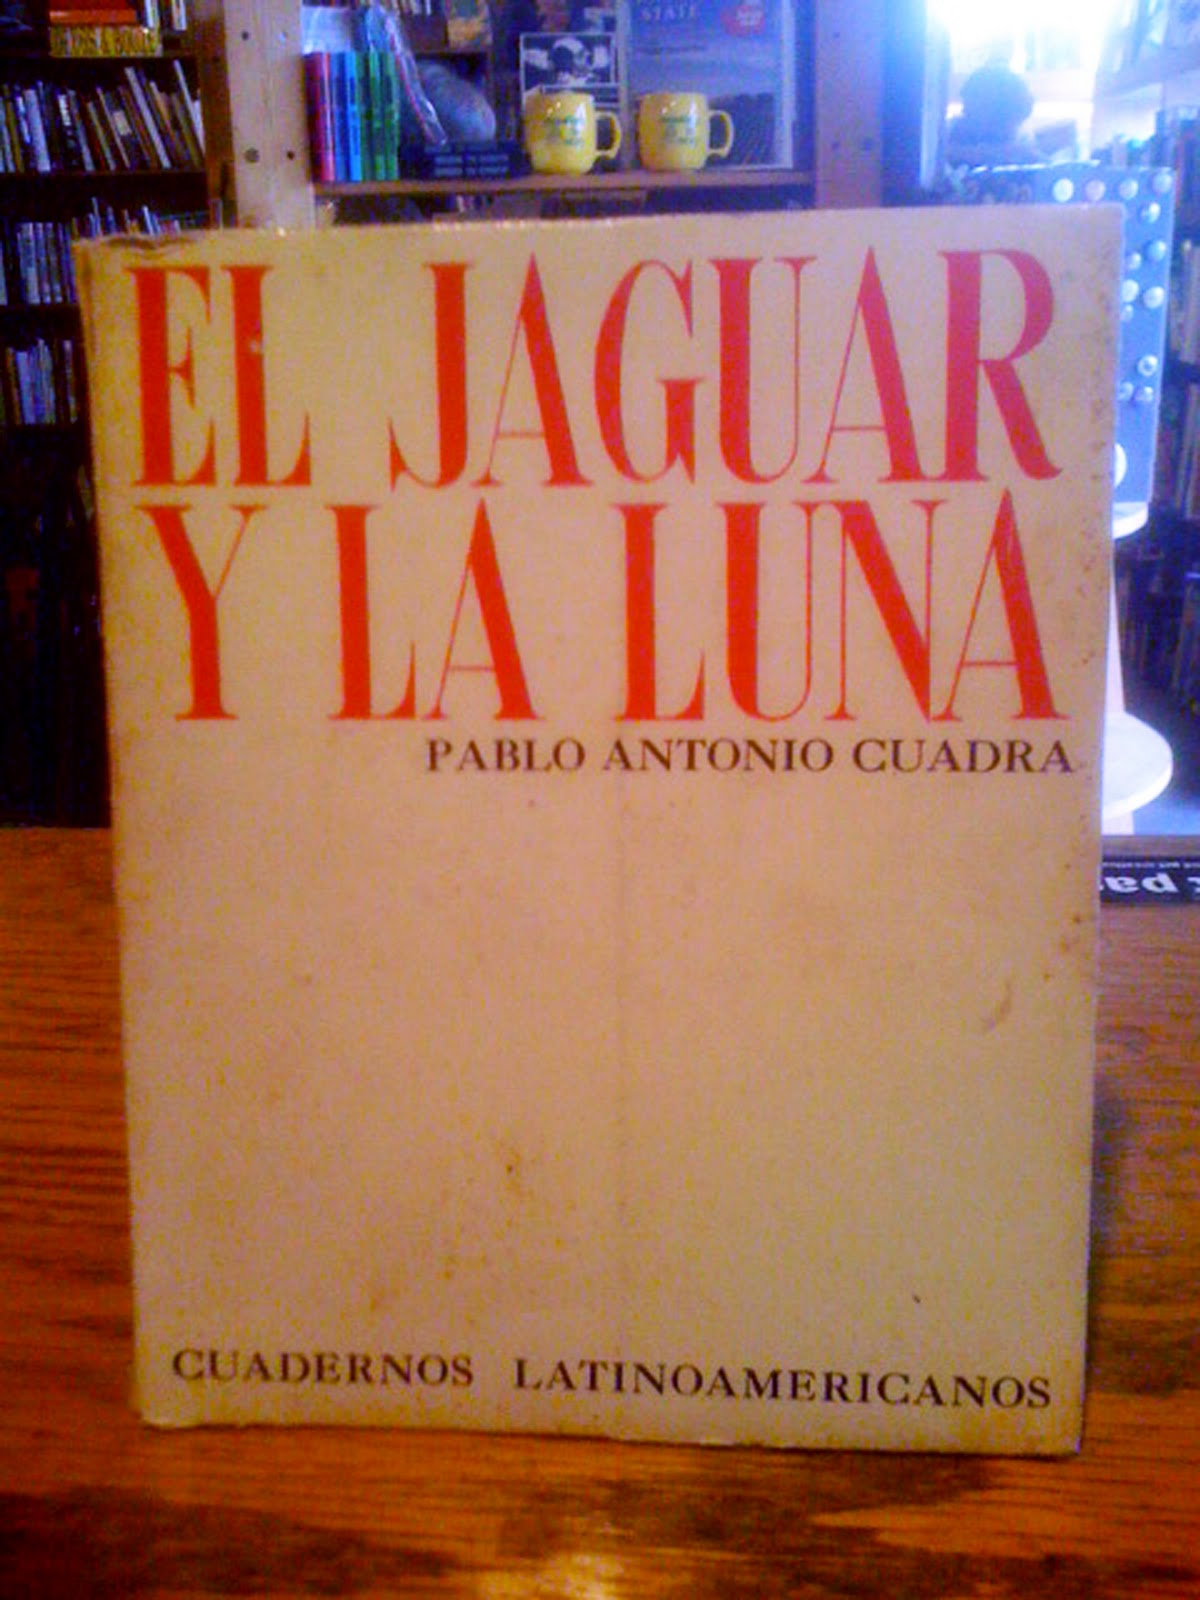 El Jaguar y La Luna by Cuadra, Pablo Antonio, Cuadra, Pablo Antonio